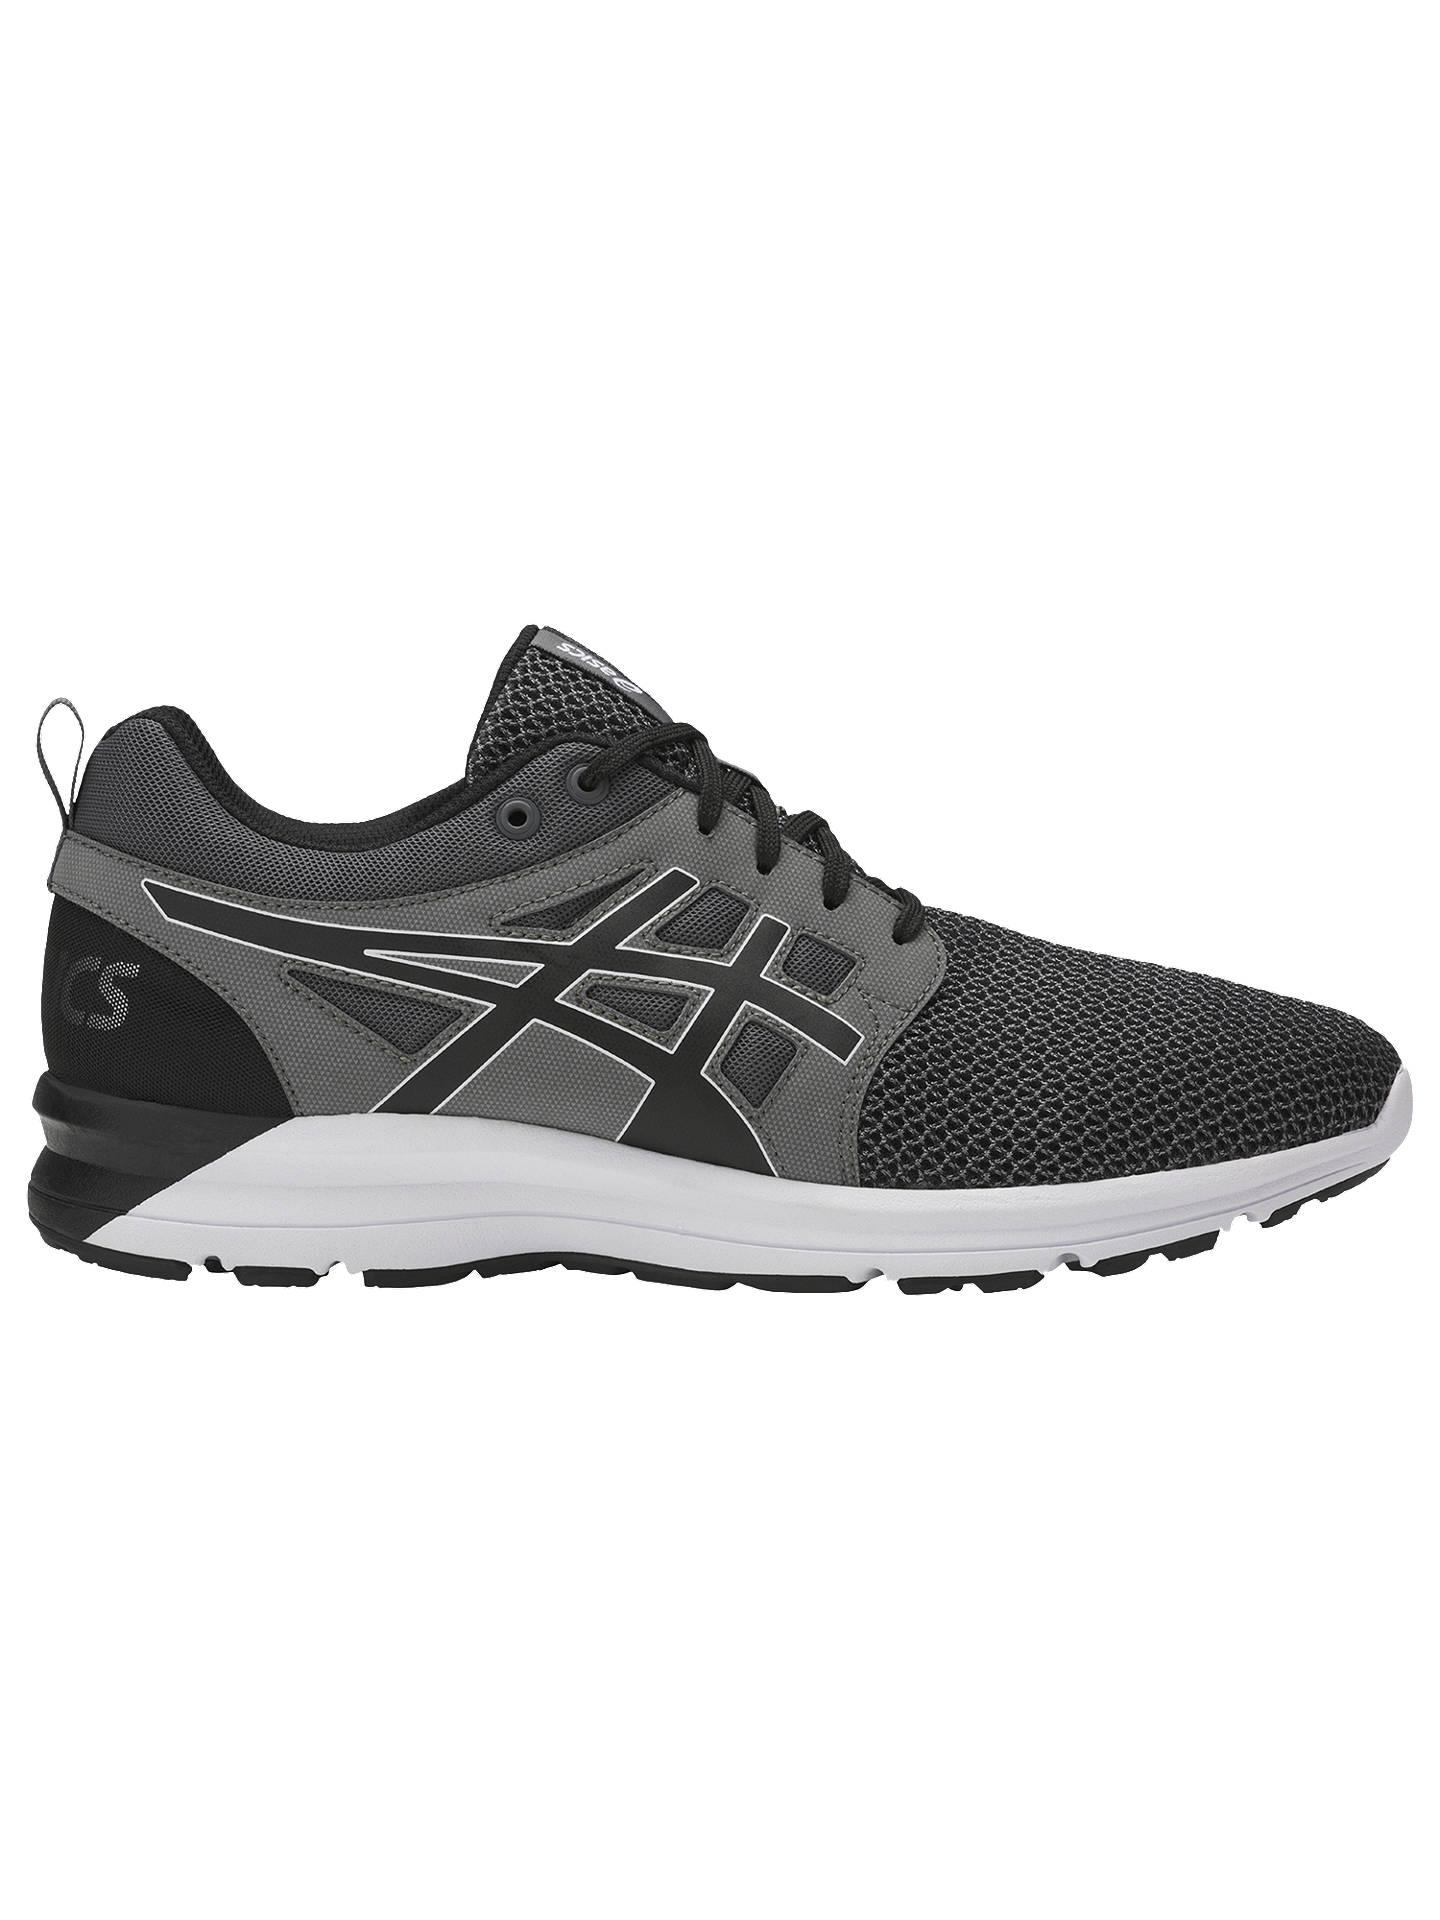 36f1ada57d3e Buy Asics GEL-Torrance Men s Running Shoes